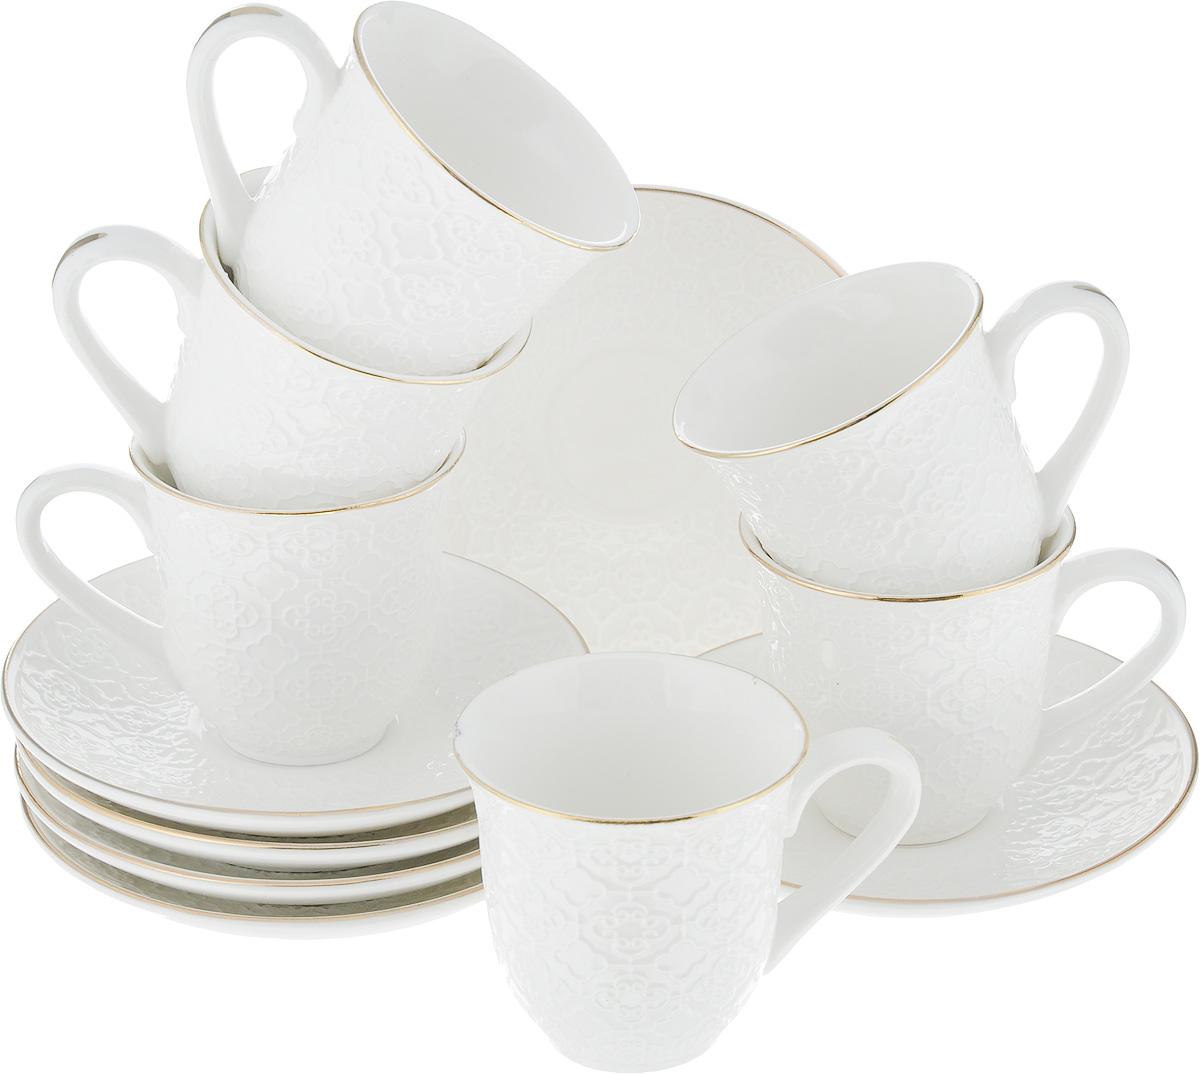 Набор кофейный Loraine, 12 предметов. 25769115510Кофейный набор Loraine состоит из 6 чашек и 6 блюдец. Изделия выполнены из высококачественного костяного фарфора и оформлены золотистой каймой. Такой набор станет прекрасным украшением стола и порадует гостей изысканным дизайном и утонченностью. Набор упакован в подарочную коробку, задрапированную внутри белой атласной тканью. Каждый предмет надежно зафиксирован внутри коробки. Кофейный набор Loraine идеально впишется в любой интерьер, а также станет идеальным подарком для ваших родных и близких. Объем чашки: 90 мл. Диаметр чашки (по верхнему краю): 6,2 см. Высота чашки: 6 см. Диаметр блюдца (по верхнему краю): 11,2 см. Высота блюдца: 2 см.